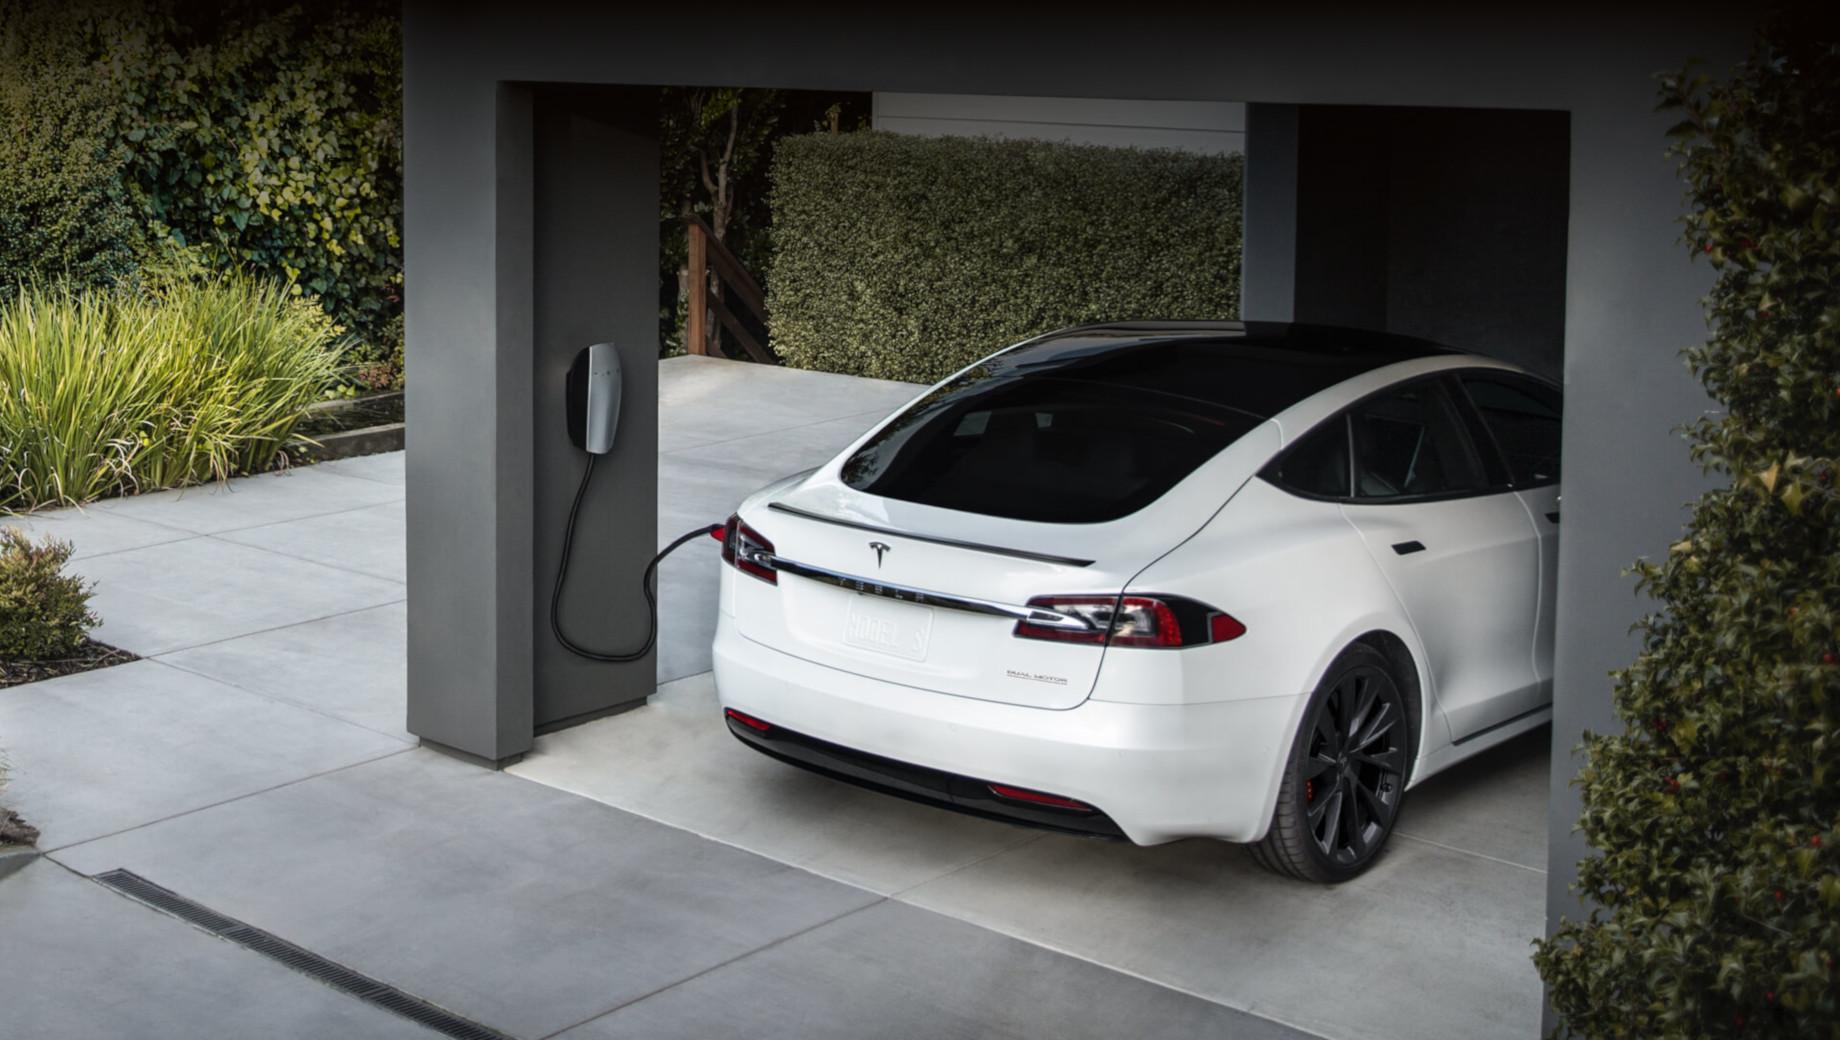 Tesla model 3. Хотя открытие было сделано на тесловской «тройке», возможно, и другие выпускаемые сейчас модели уже получили (или получат в скором времени) похожий скрытый апдейт в начинке.